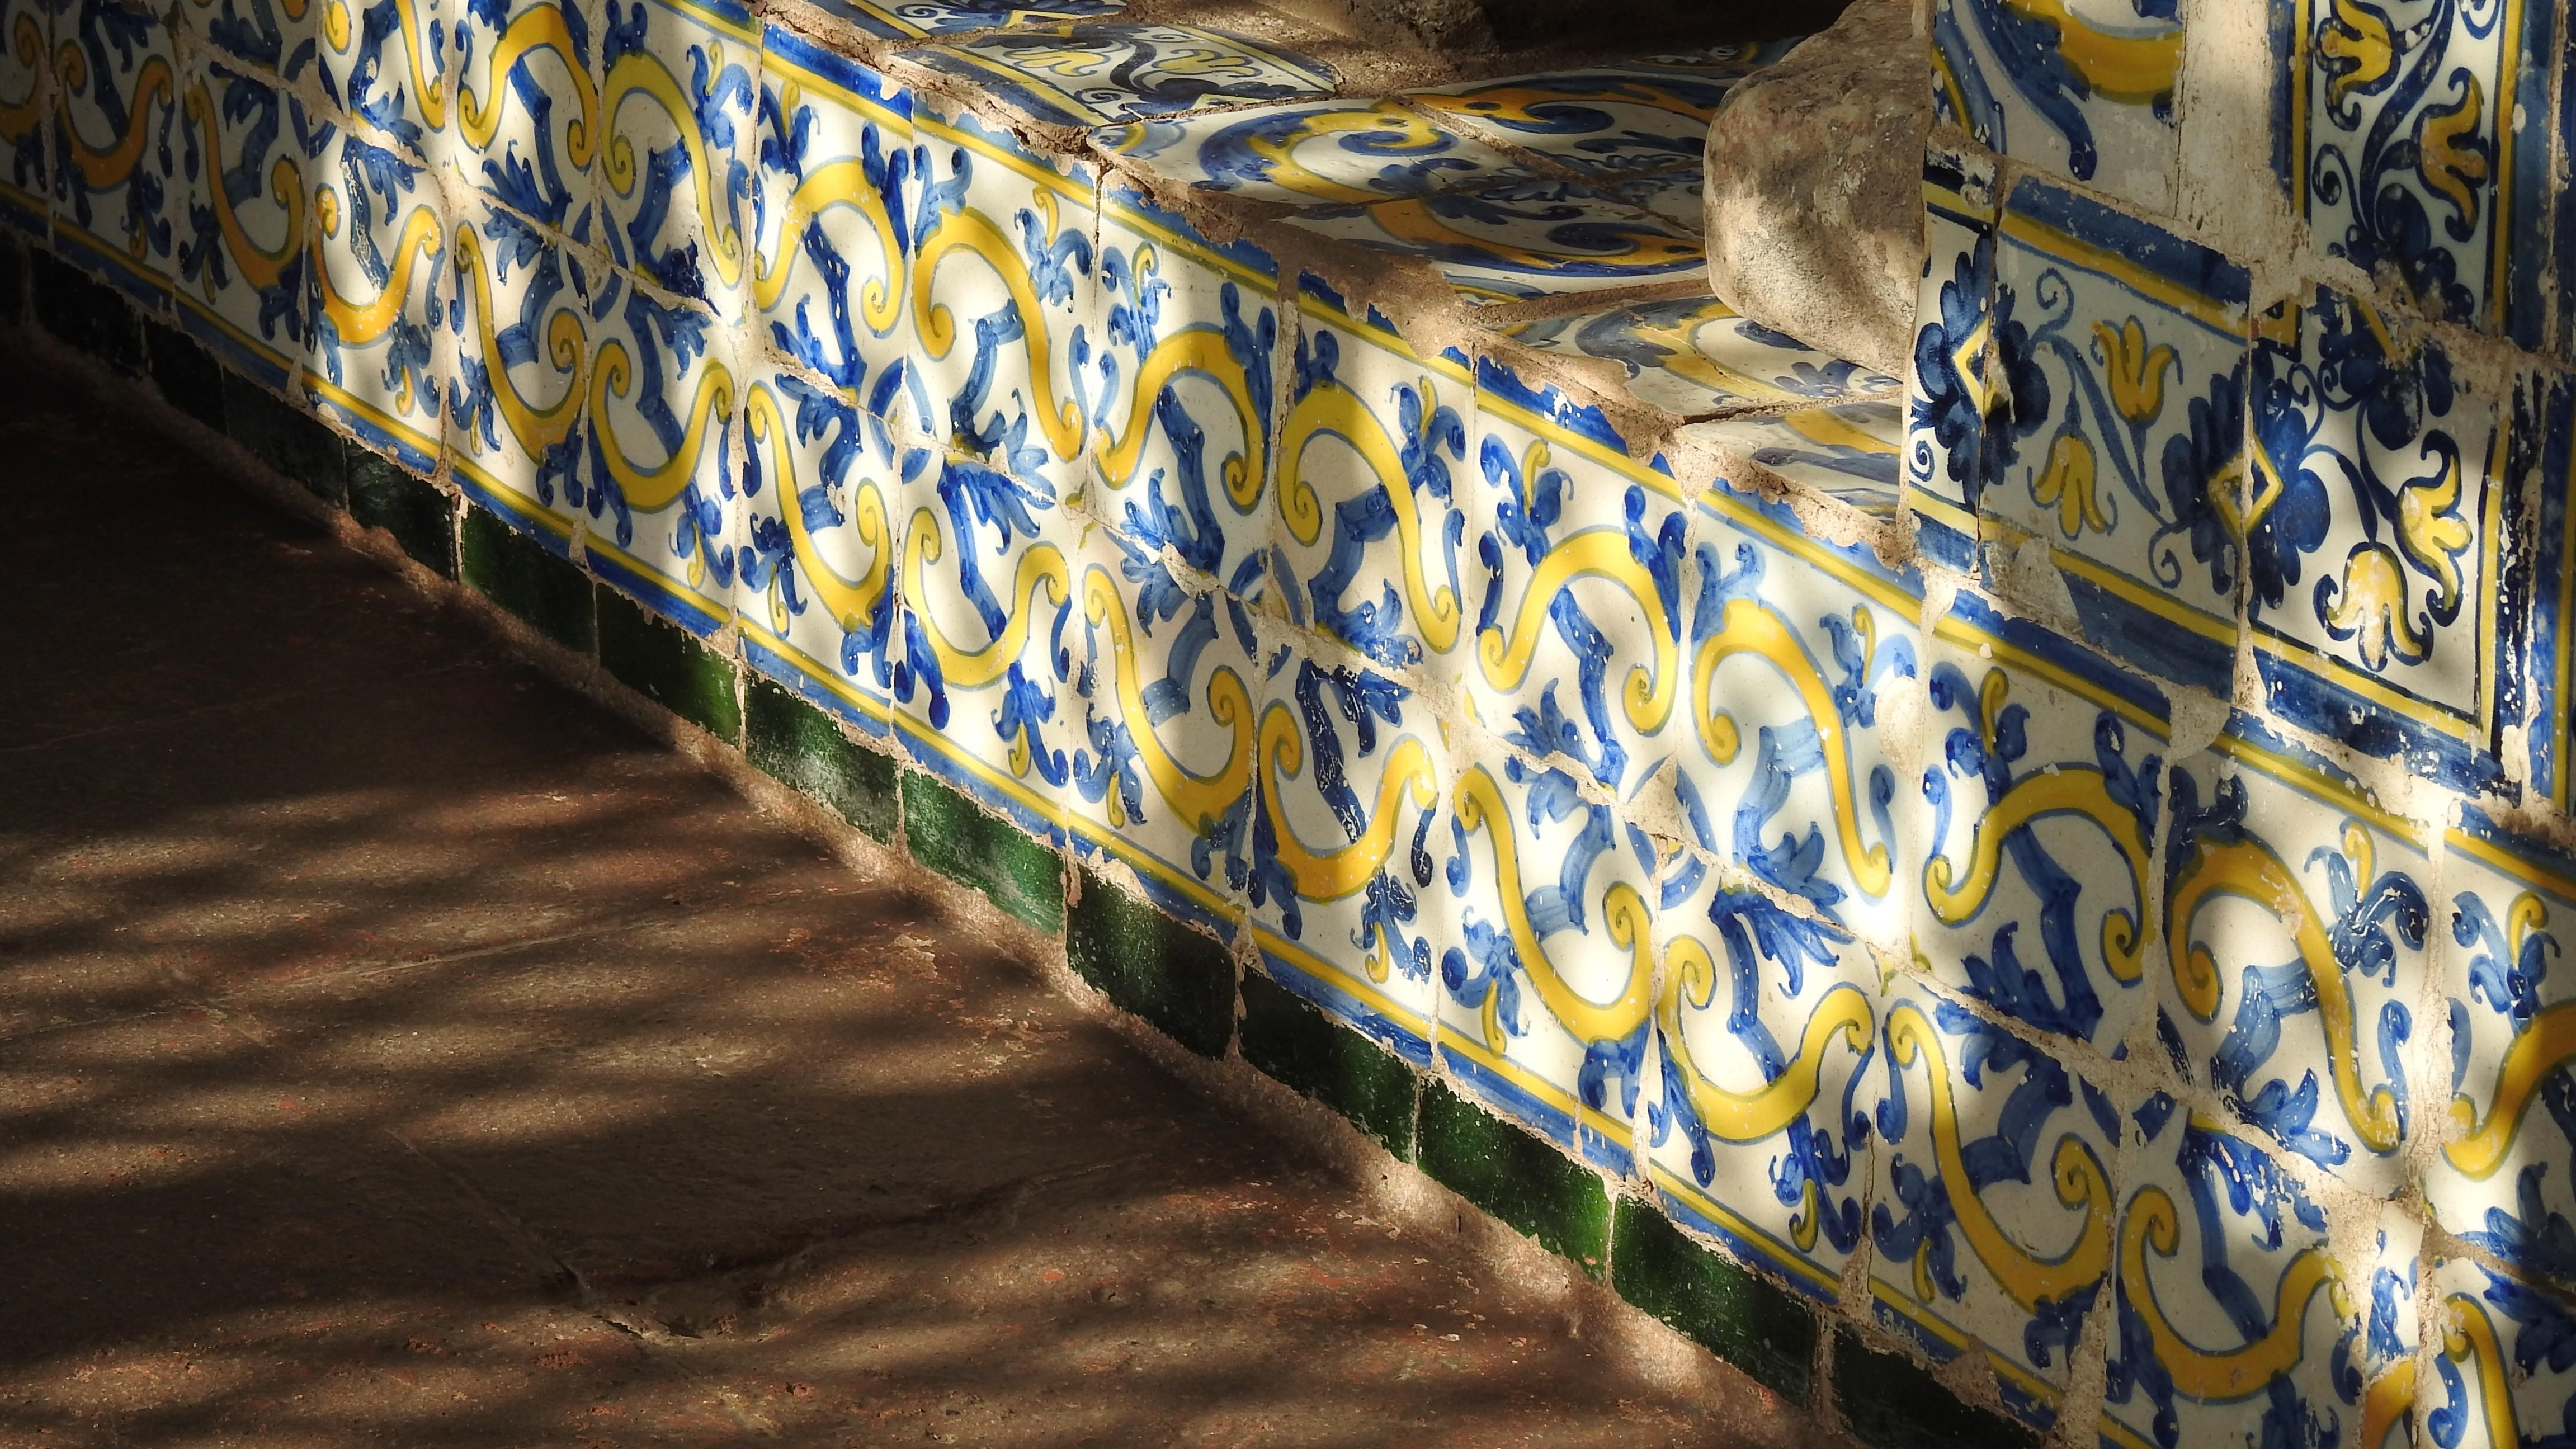 Convento de Nossa Senhora da Conceição's extraordinary azulejos